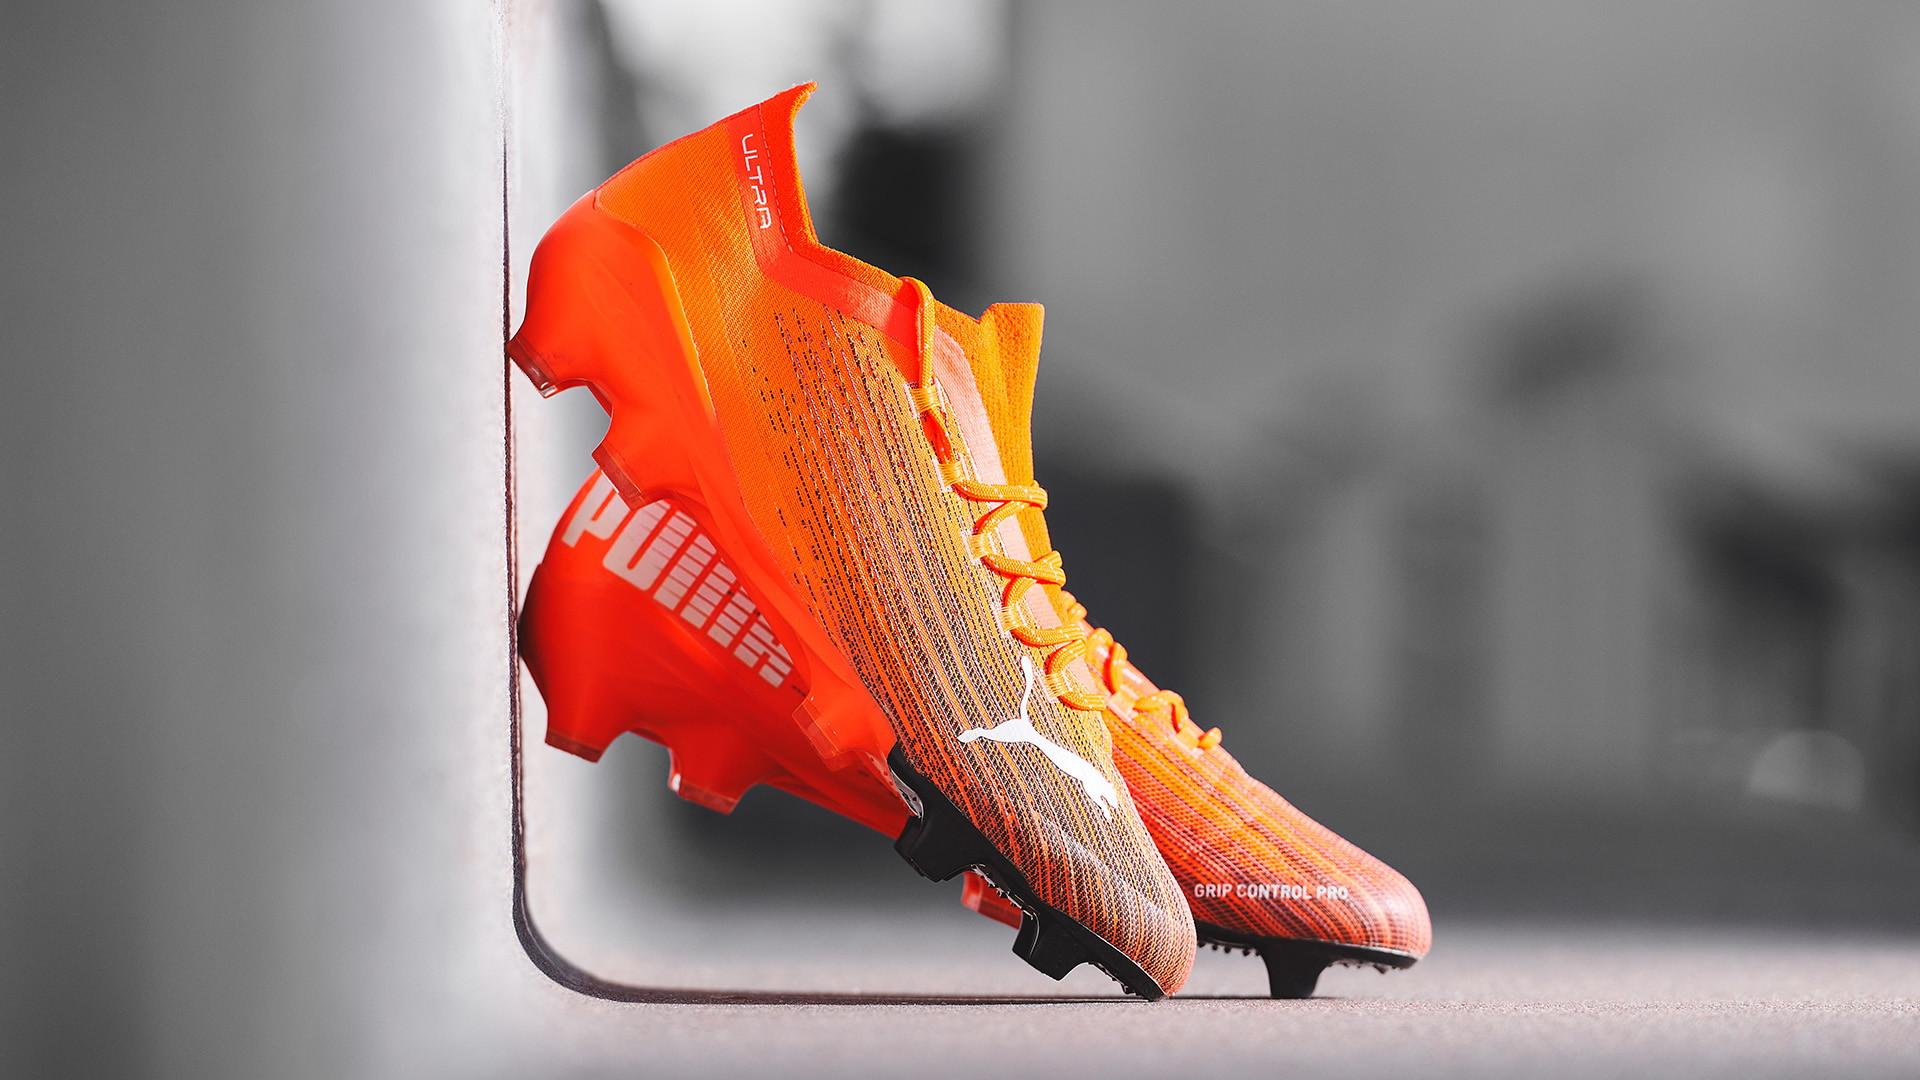 Puma ha presentato&nbsp;le nuove scarpe da calcio ULTRA 1.1, create per introdurre innovazione rivoluzionaria e velocit&agrave; inarrivabile nel mondo del calcio e poi con due testimonial come loro...<br /><br />